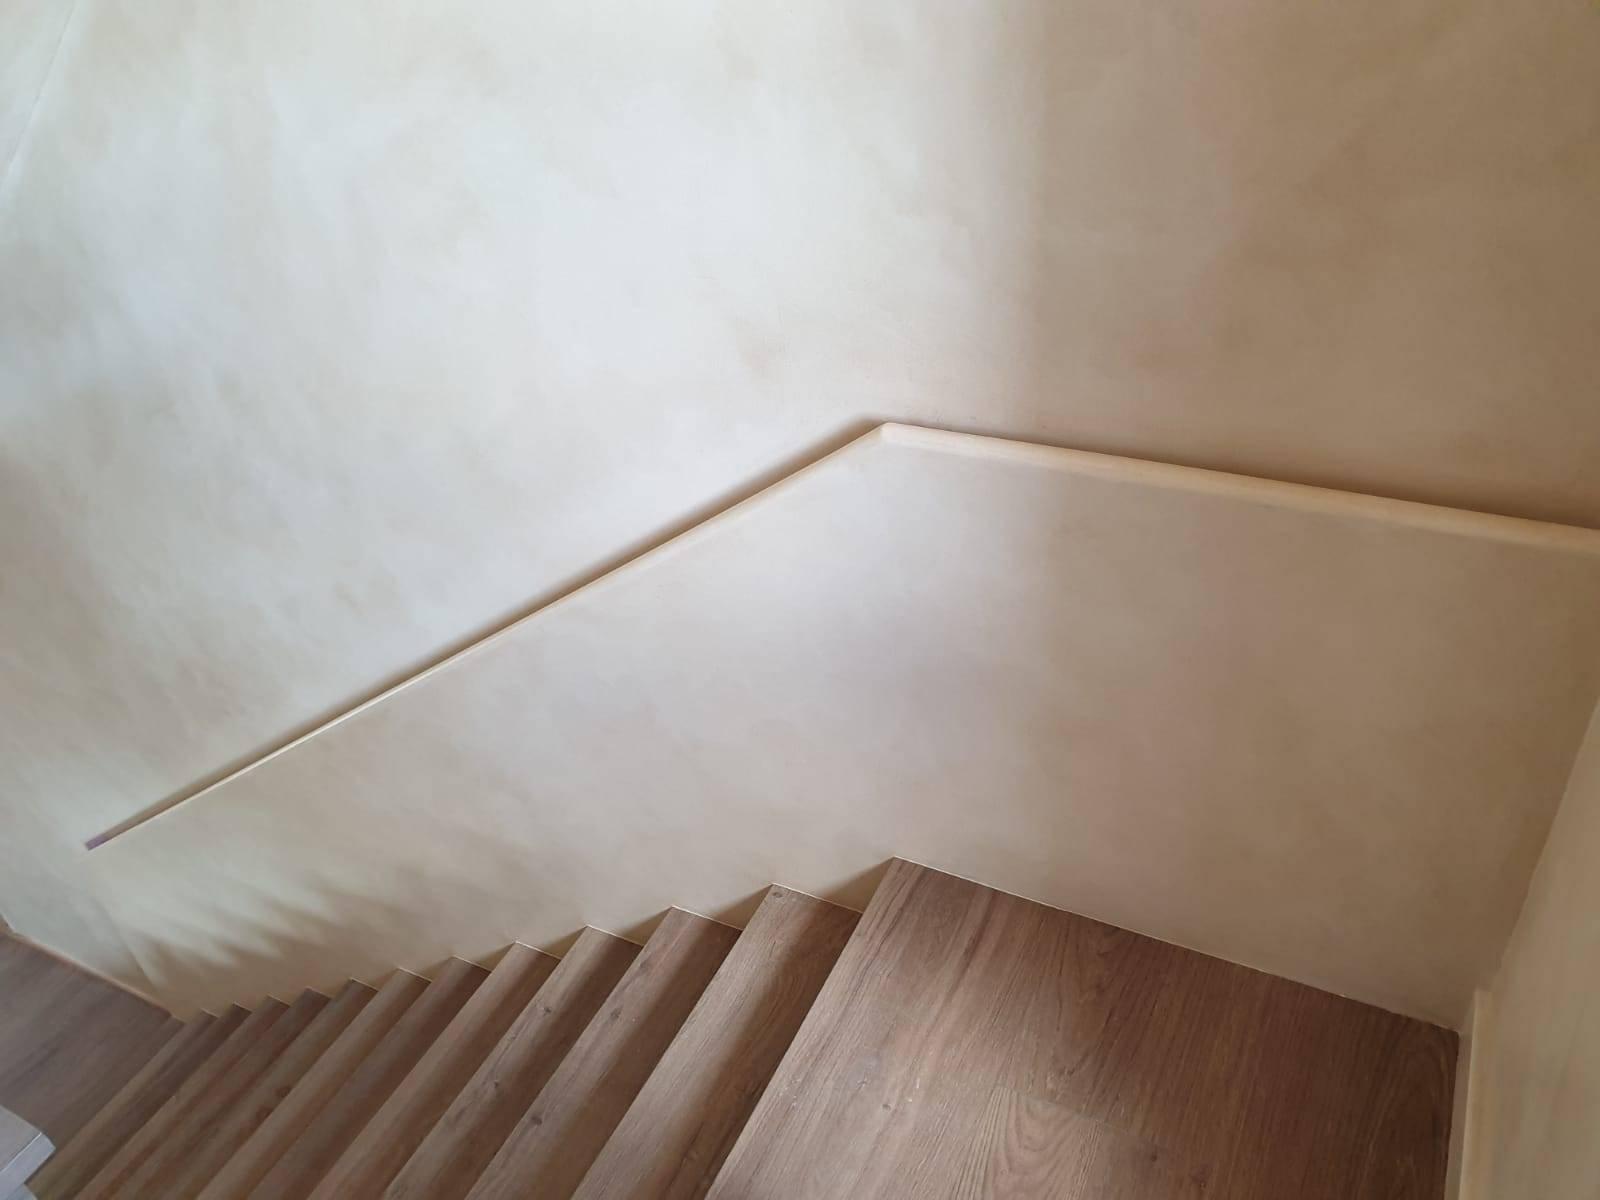 decoracion-rosa-lopez-decoradora-interiores-madera-mobiliario-pared-microcemento8